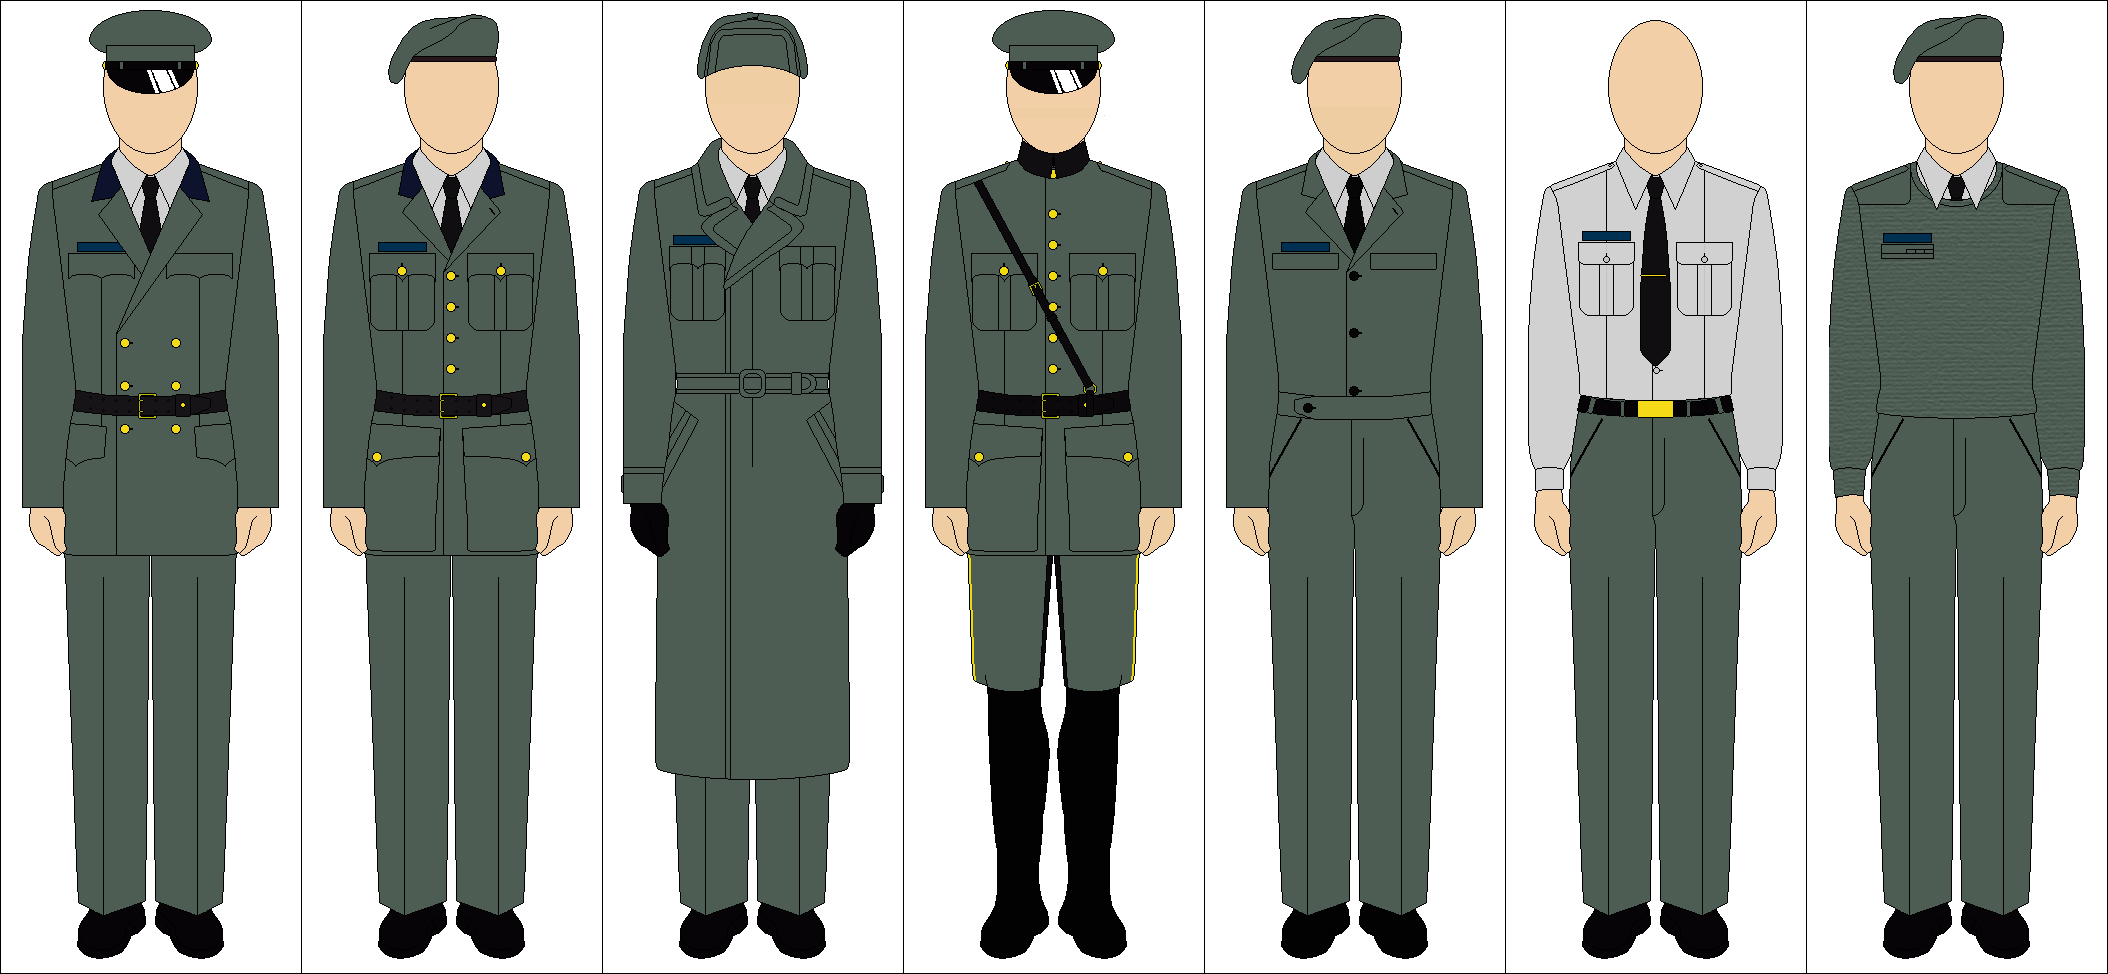 Generic uniforms by Tounushi